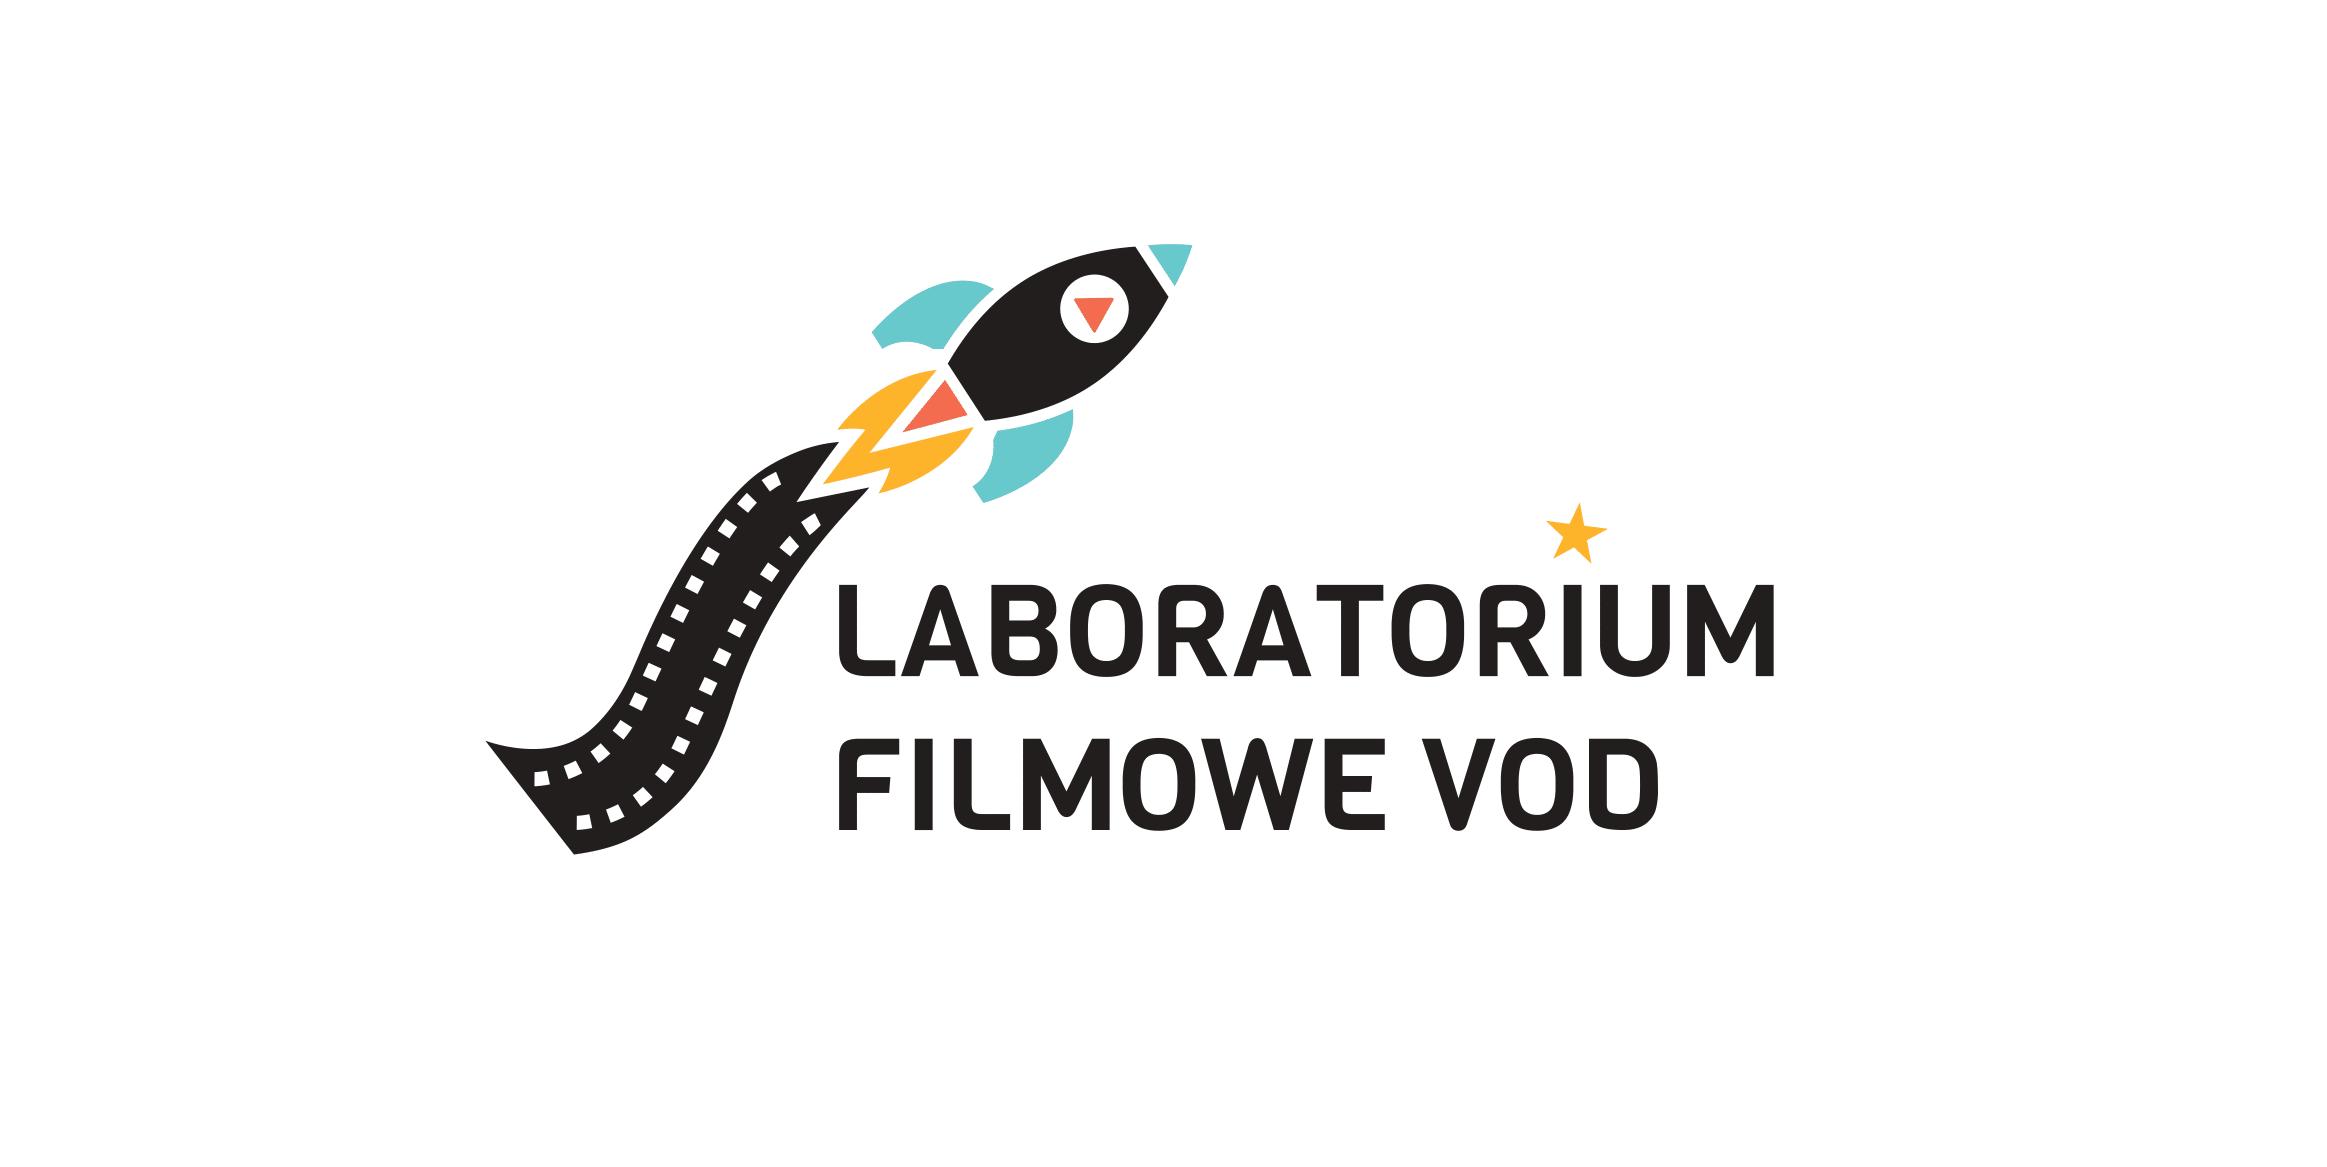 Laboratorium Filmowe VOD